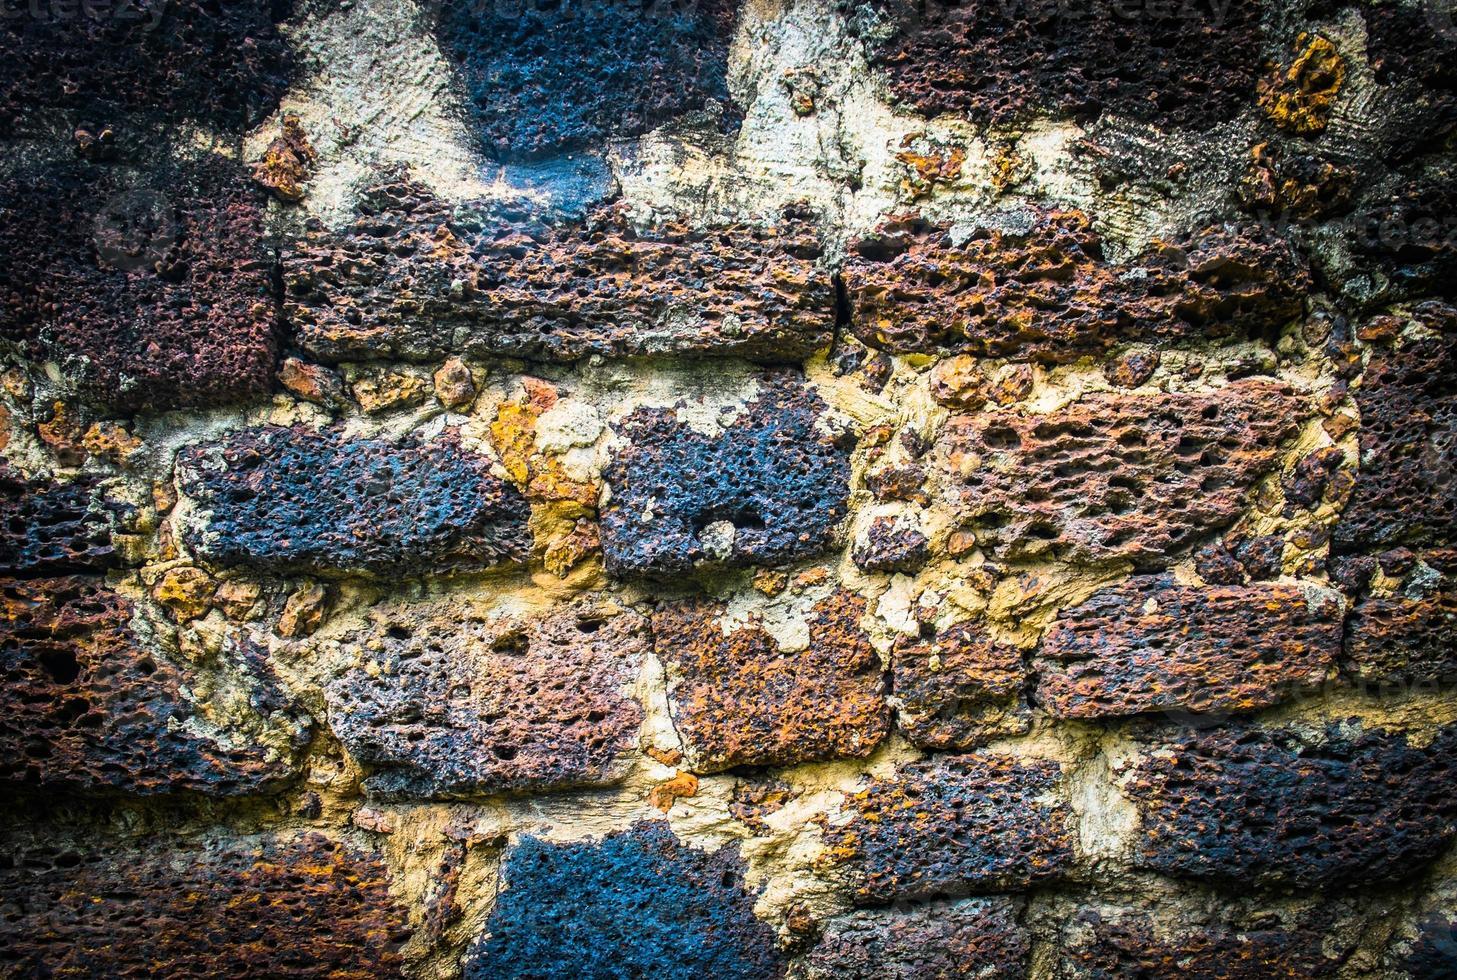 Grunge Textur der alten Laterit Steinmauer foto